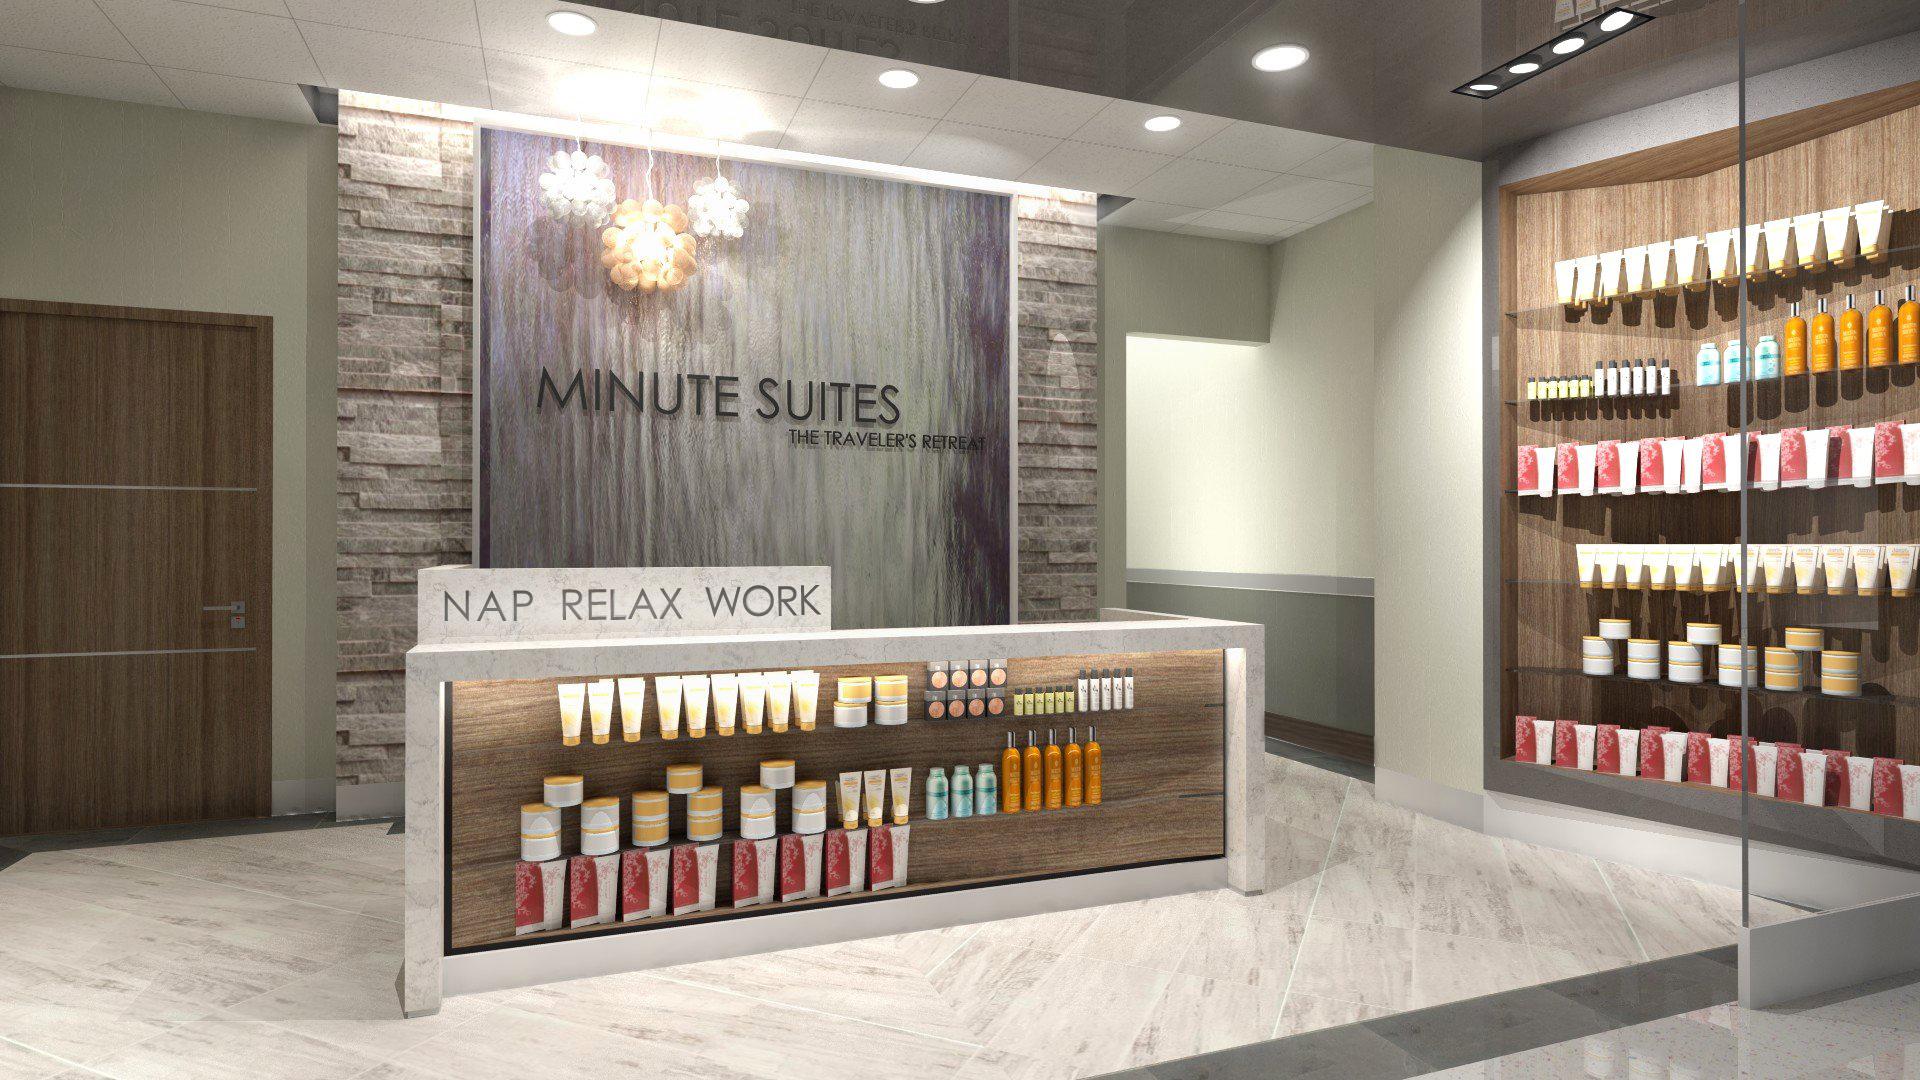 Minute Suites - Reception